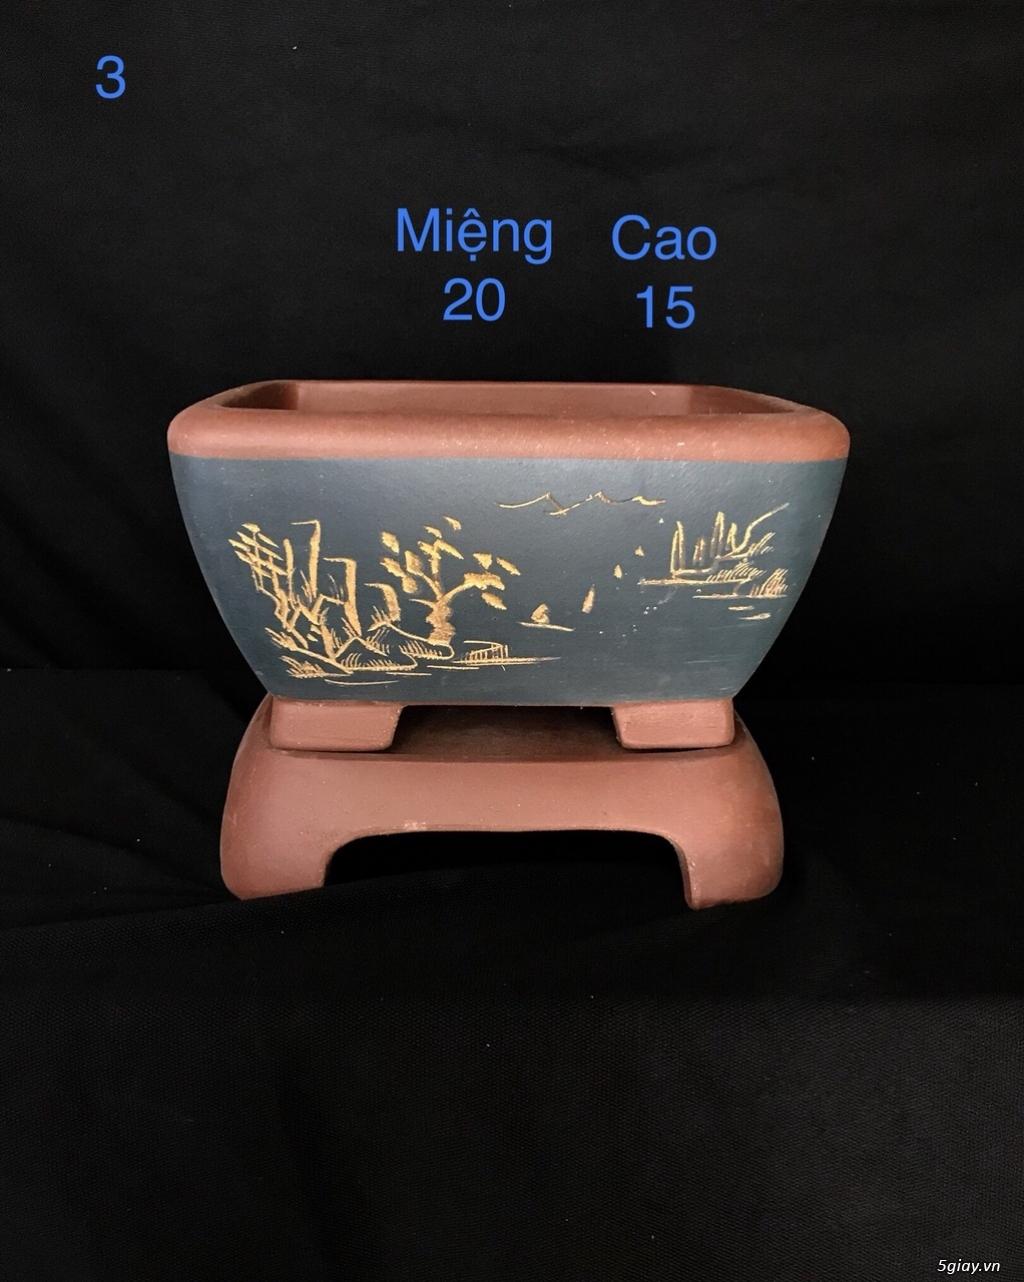 Chậu cây bonsai nhập khẩu, đẹp, có giá sỉ và lẻ cho a/e, 0962118575